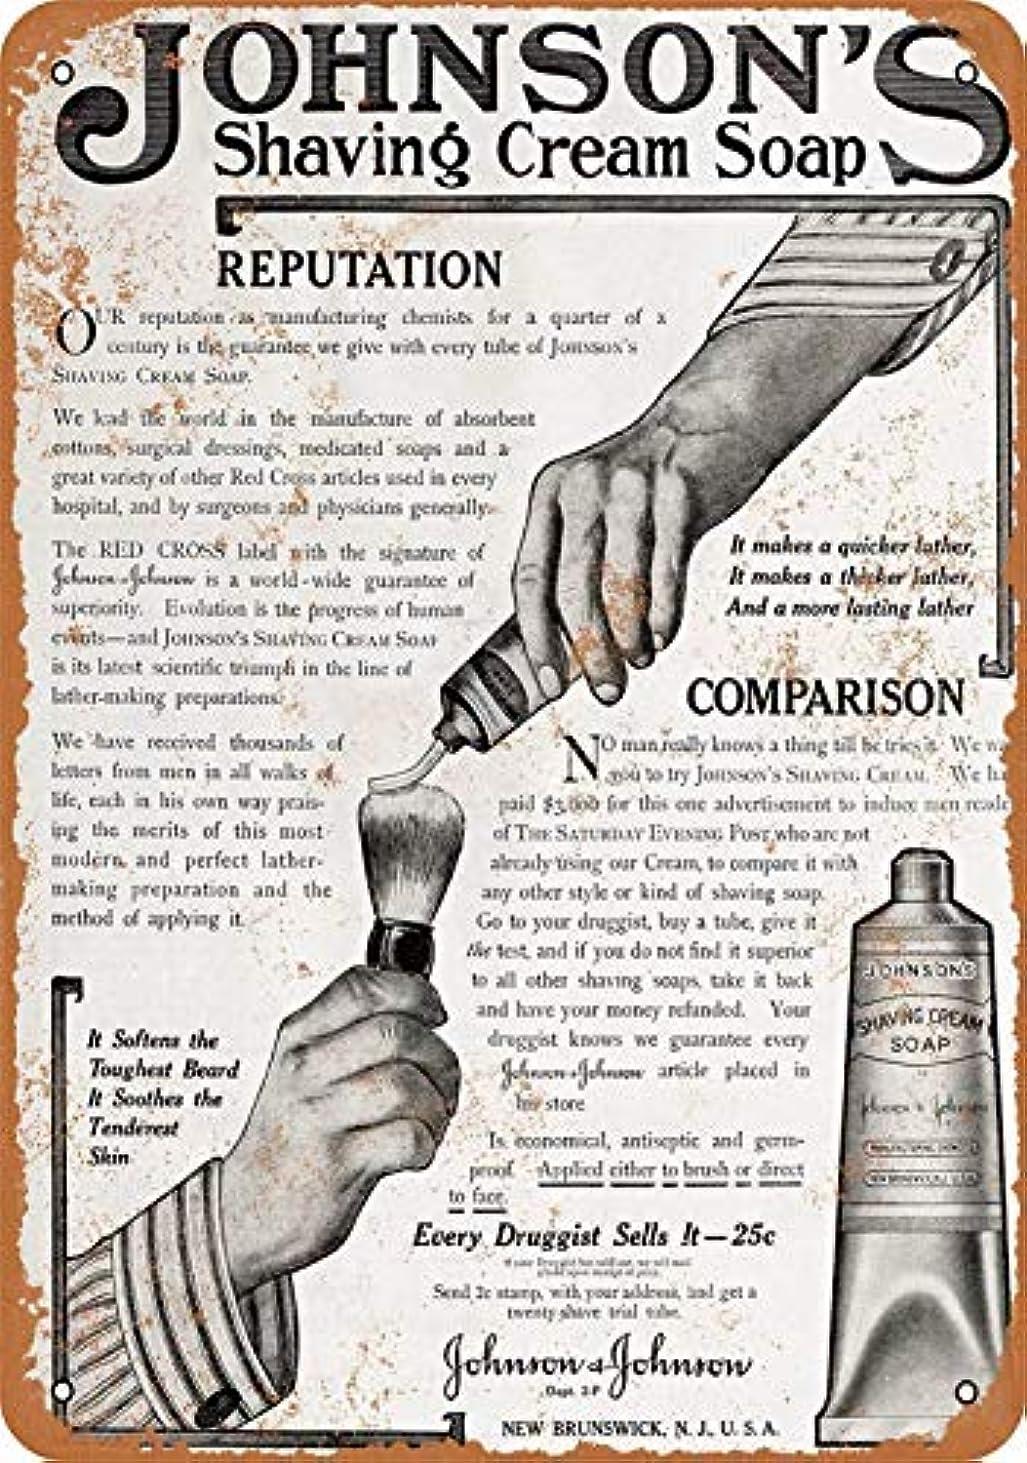 鬼ごっこ先見の明アクチュエータなまけ者雑貨屋 Johnson's Shaving Cream Soap アンティーク風 デザインボード ブリキ看板 メタル (30×40cm)